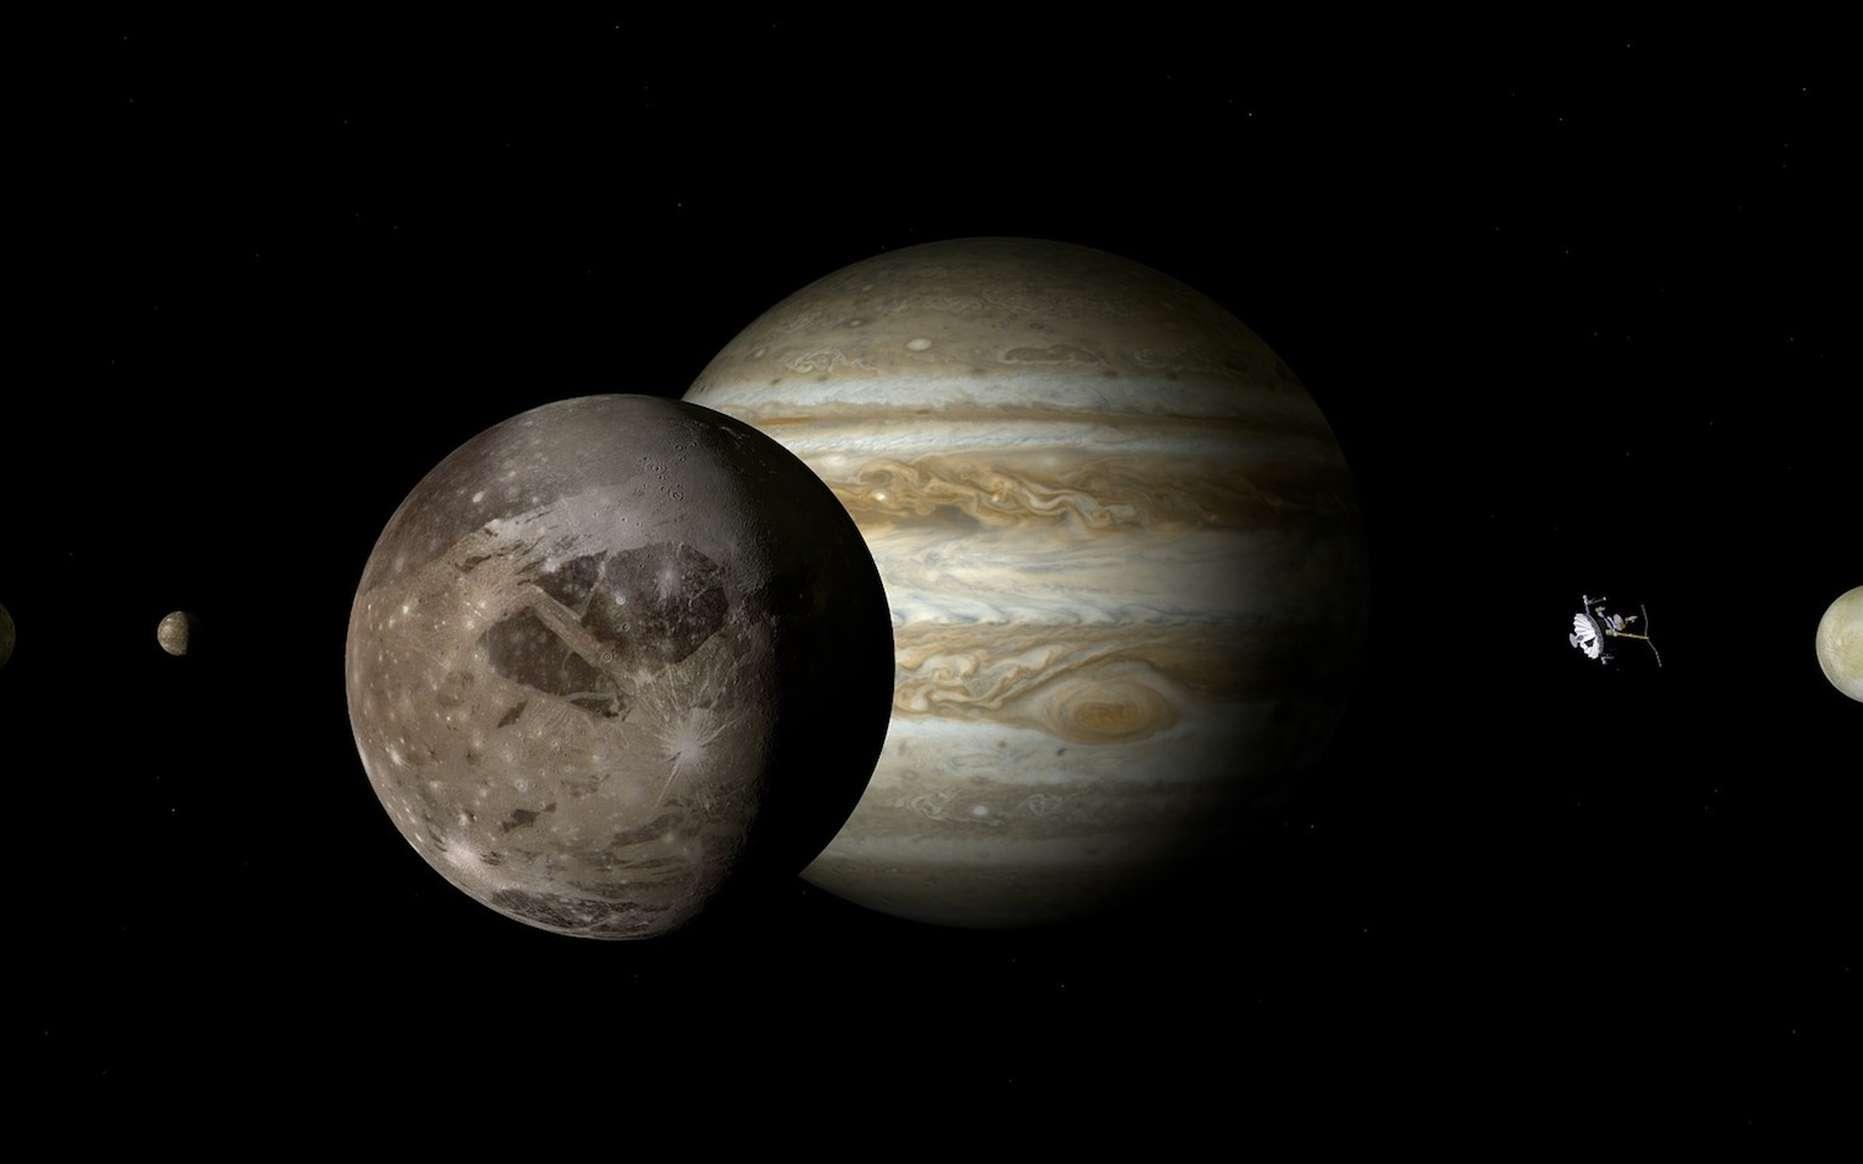 De l'hydrogène métallique pourrait exister au cœur de Jupiter. © DasWortgewand, Pixabay, DP